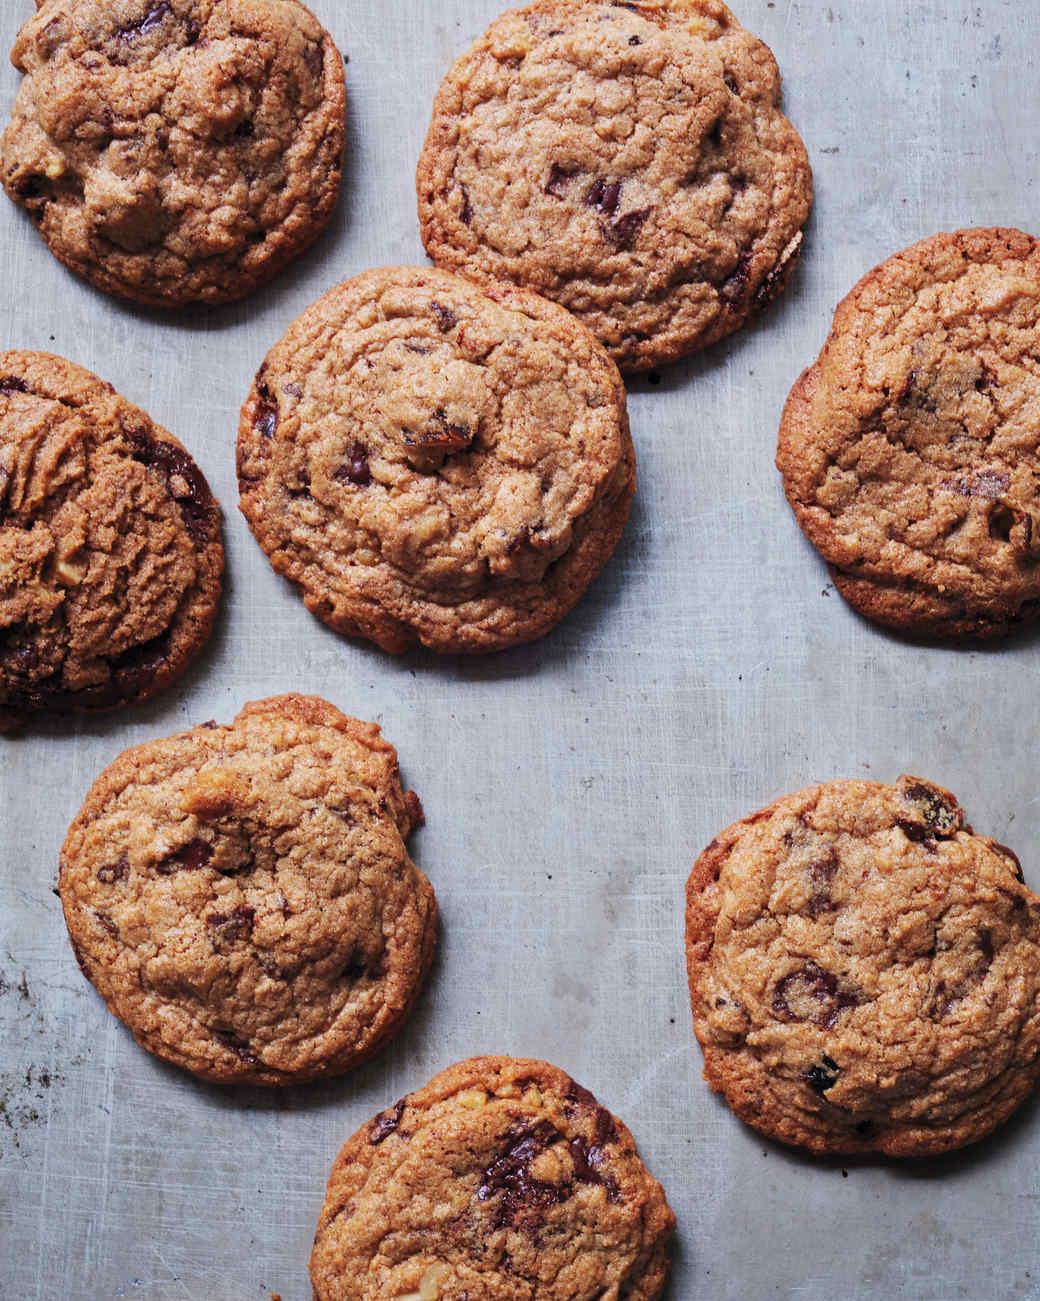 hayden-flour-mills-walnut-cookies-796-d112232.jpg